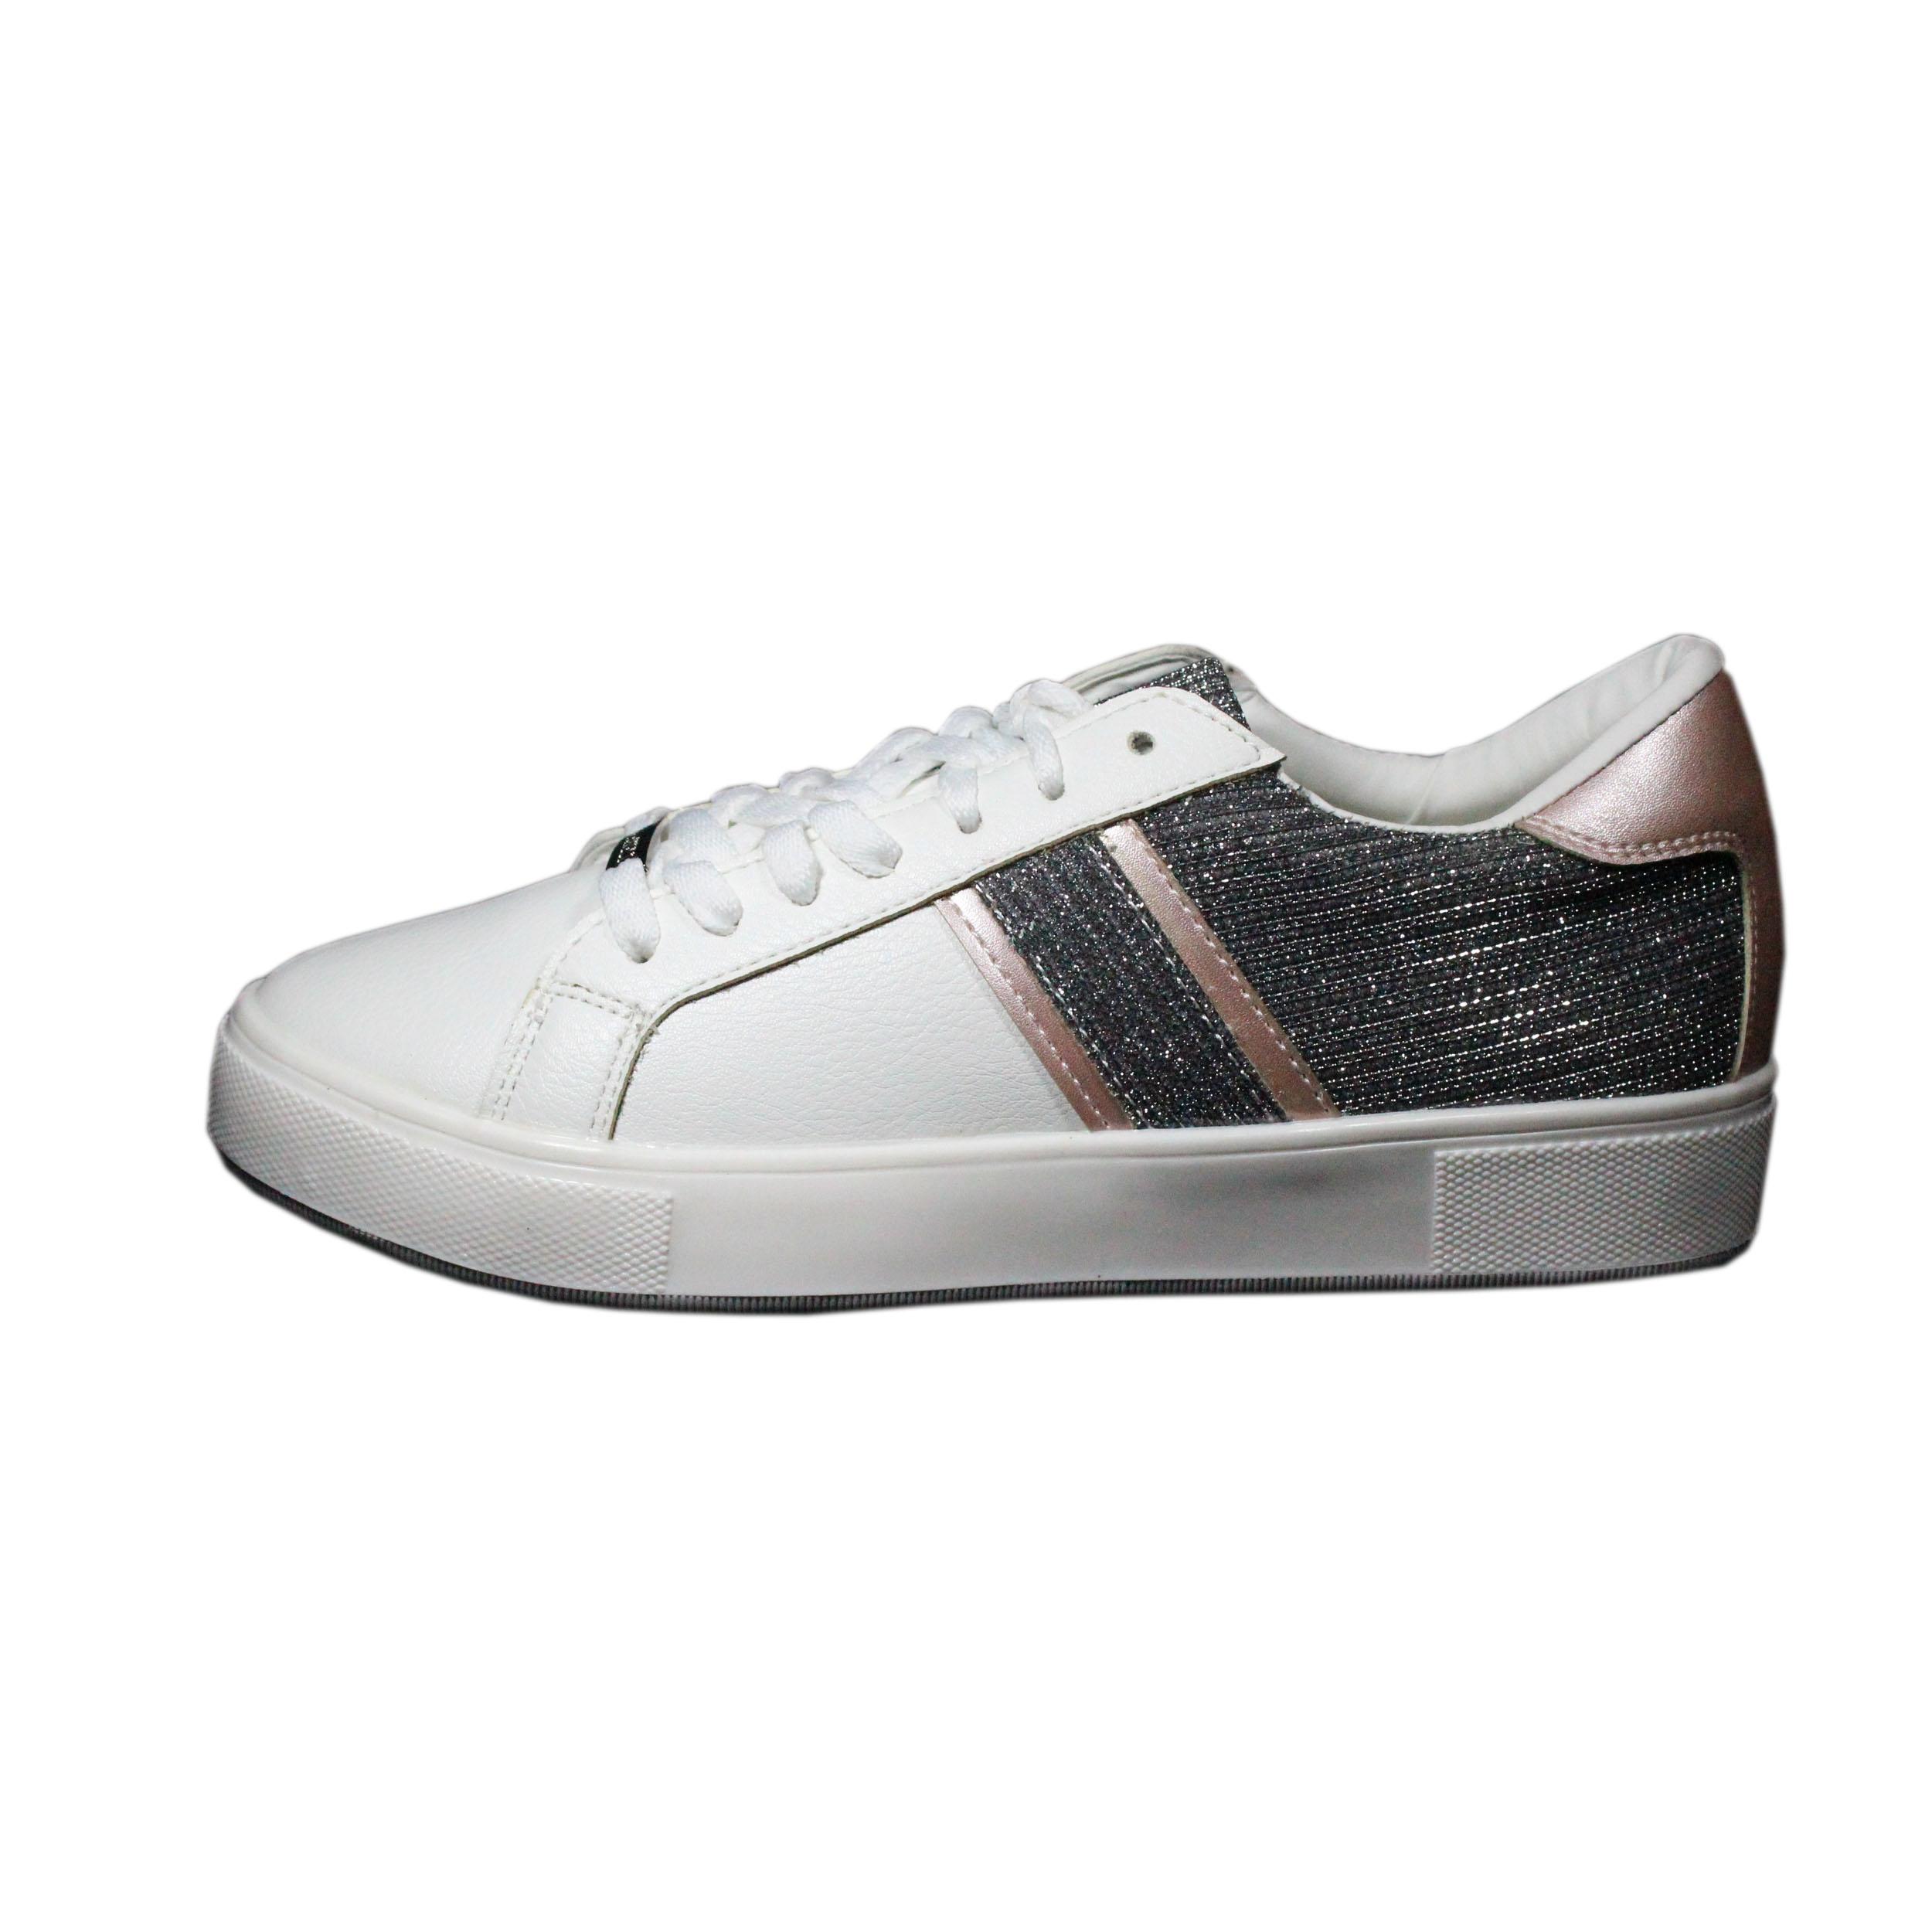 کفش مخصوص پیاده روی زنانه مدل ونوس